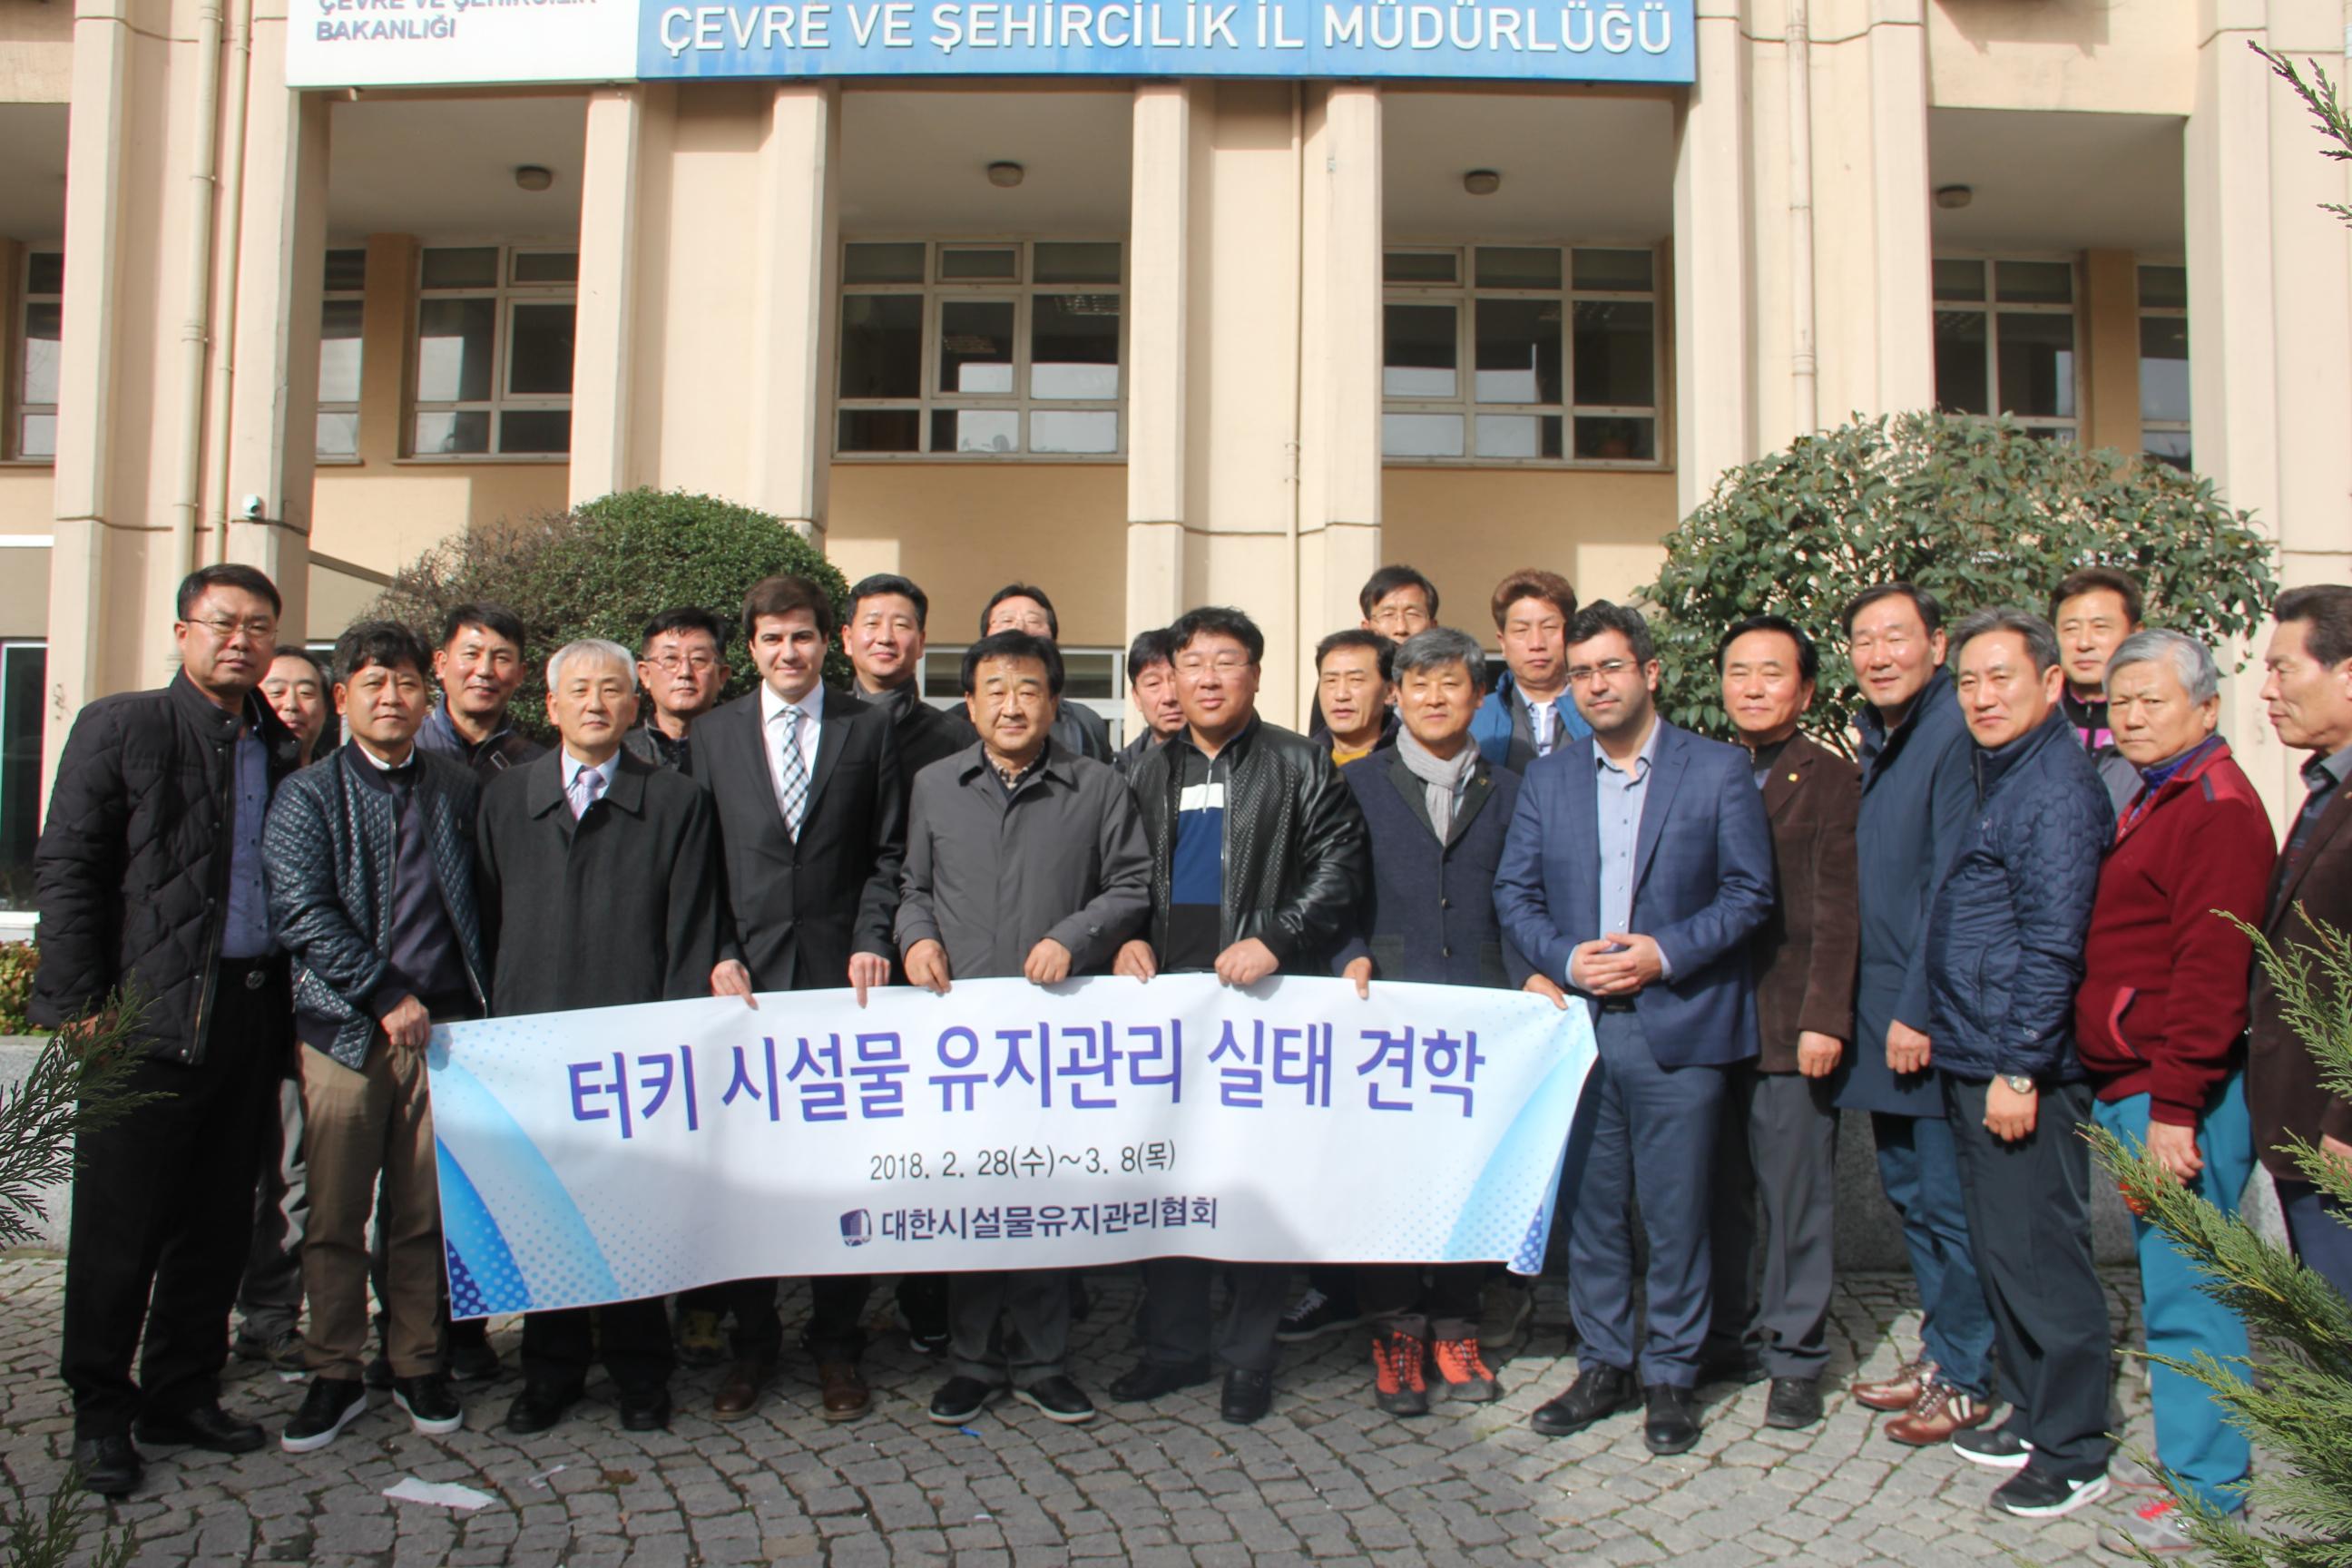 Güney Kore Cumhuriyeti Yerel İdari Birliği Heyeti, Bakanlığımızın ve İl Müdürlüğümüzün çalışmaları hakkında bilgi paylaşımı yapmak üzere müdürlüğümüzü ziyaret ettiler.